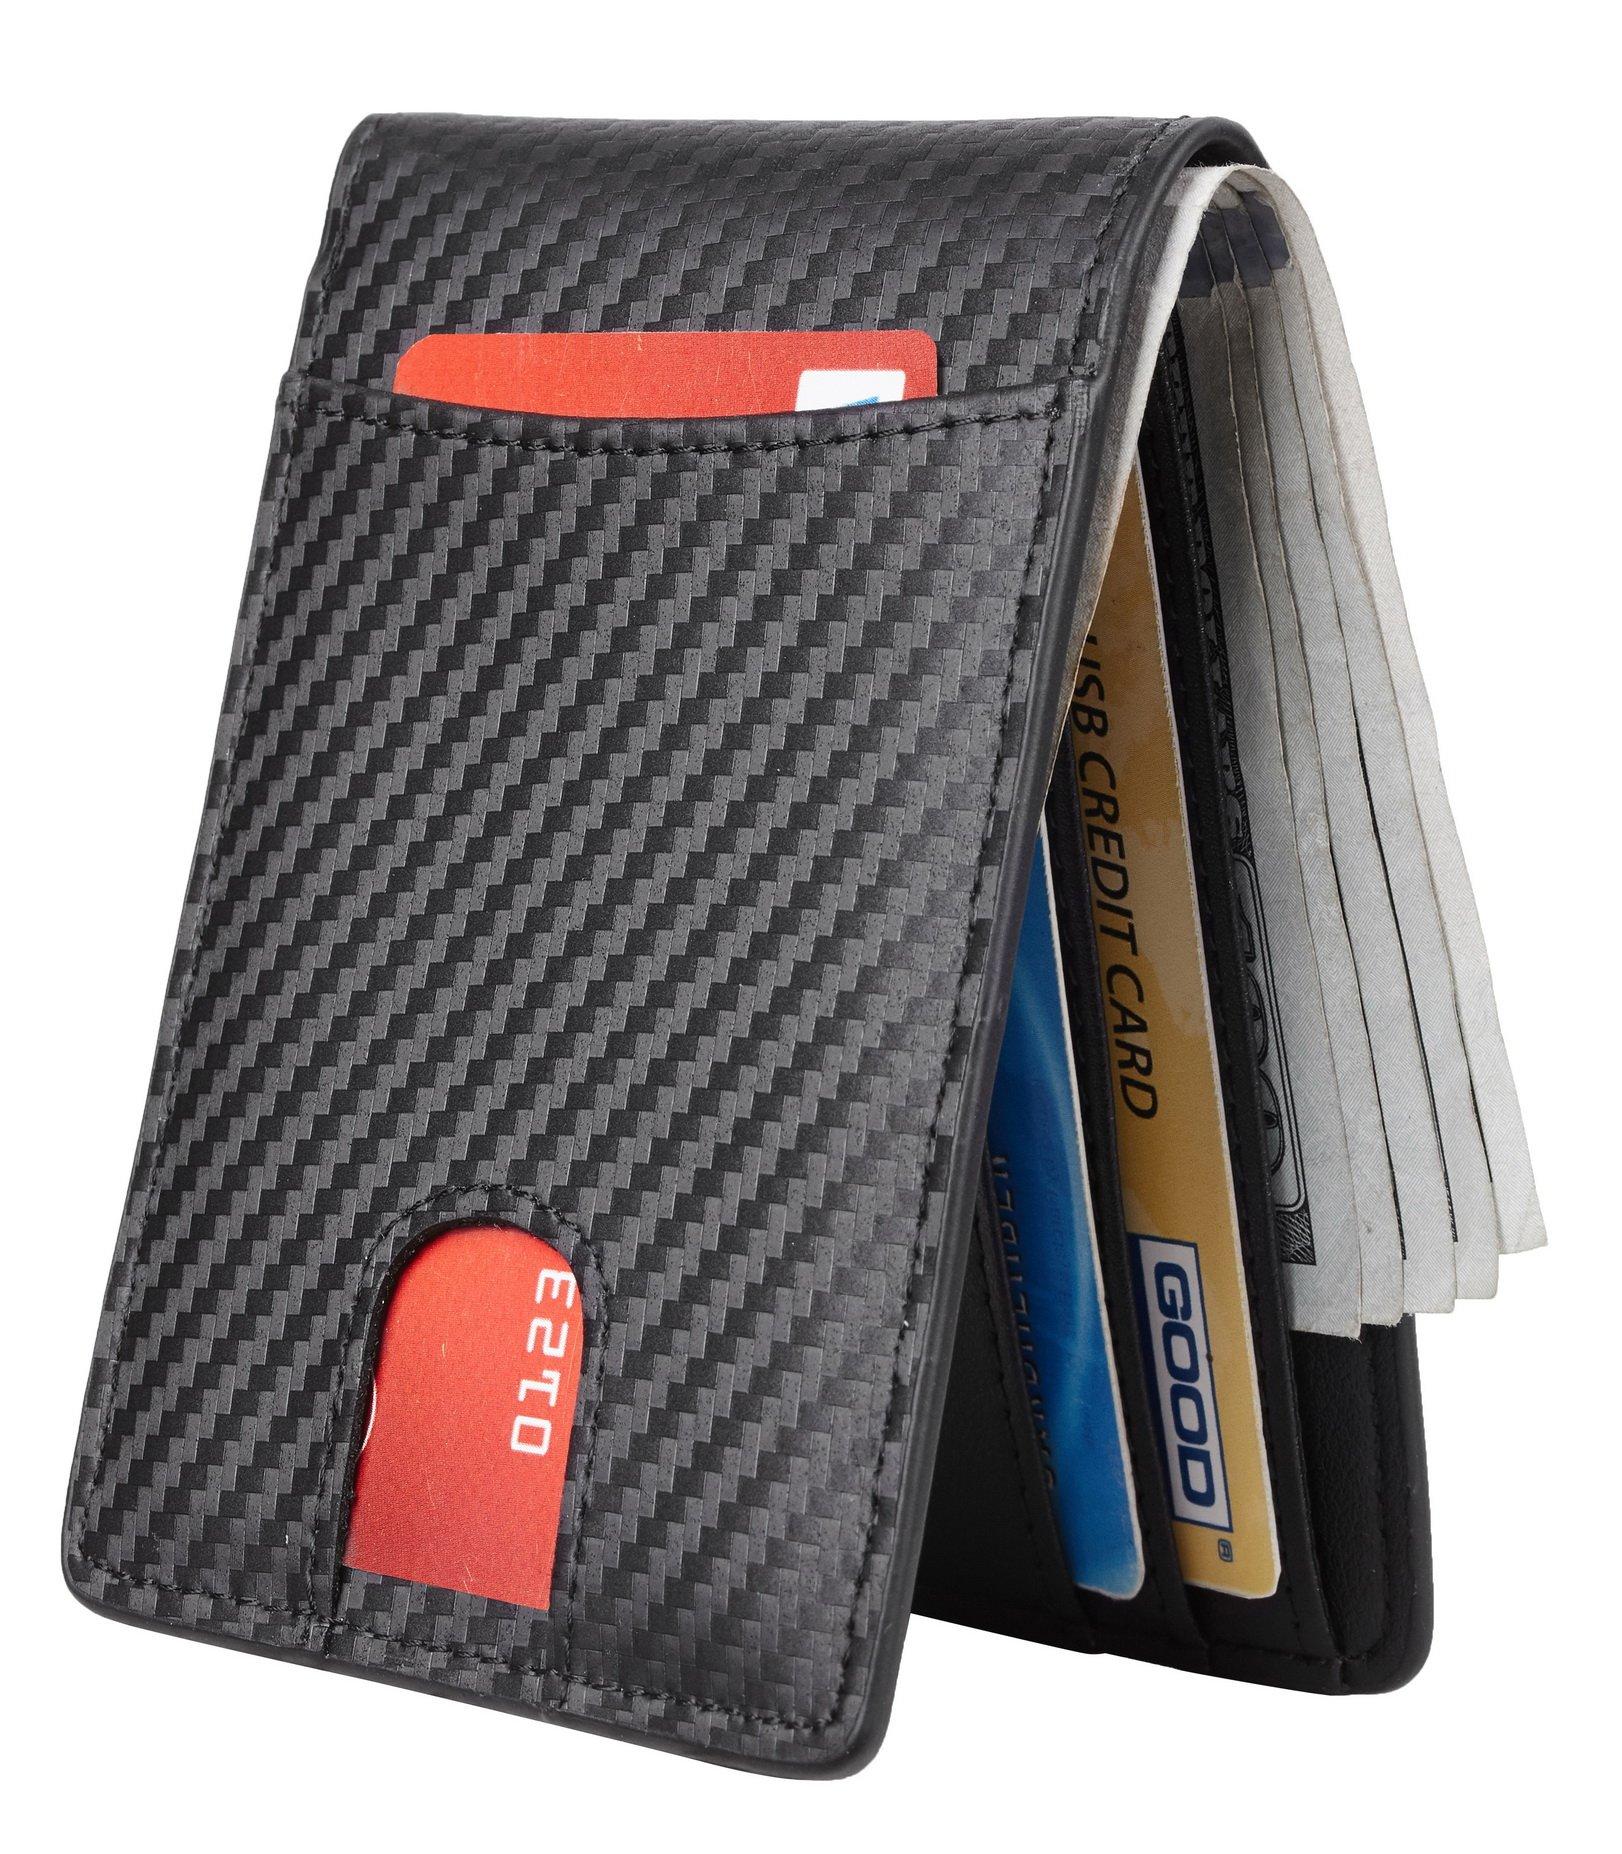 Casmonal Mens Leather Wallet Slim Front Pocket Wallet Billfold RFID Blocking (carbon fiber leather black) by Casmonal (Image #2)